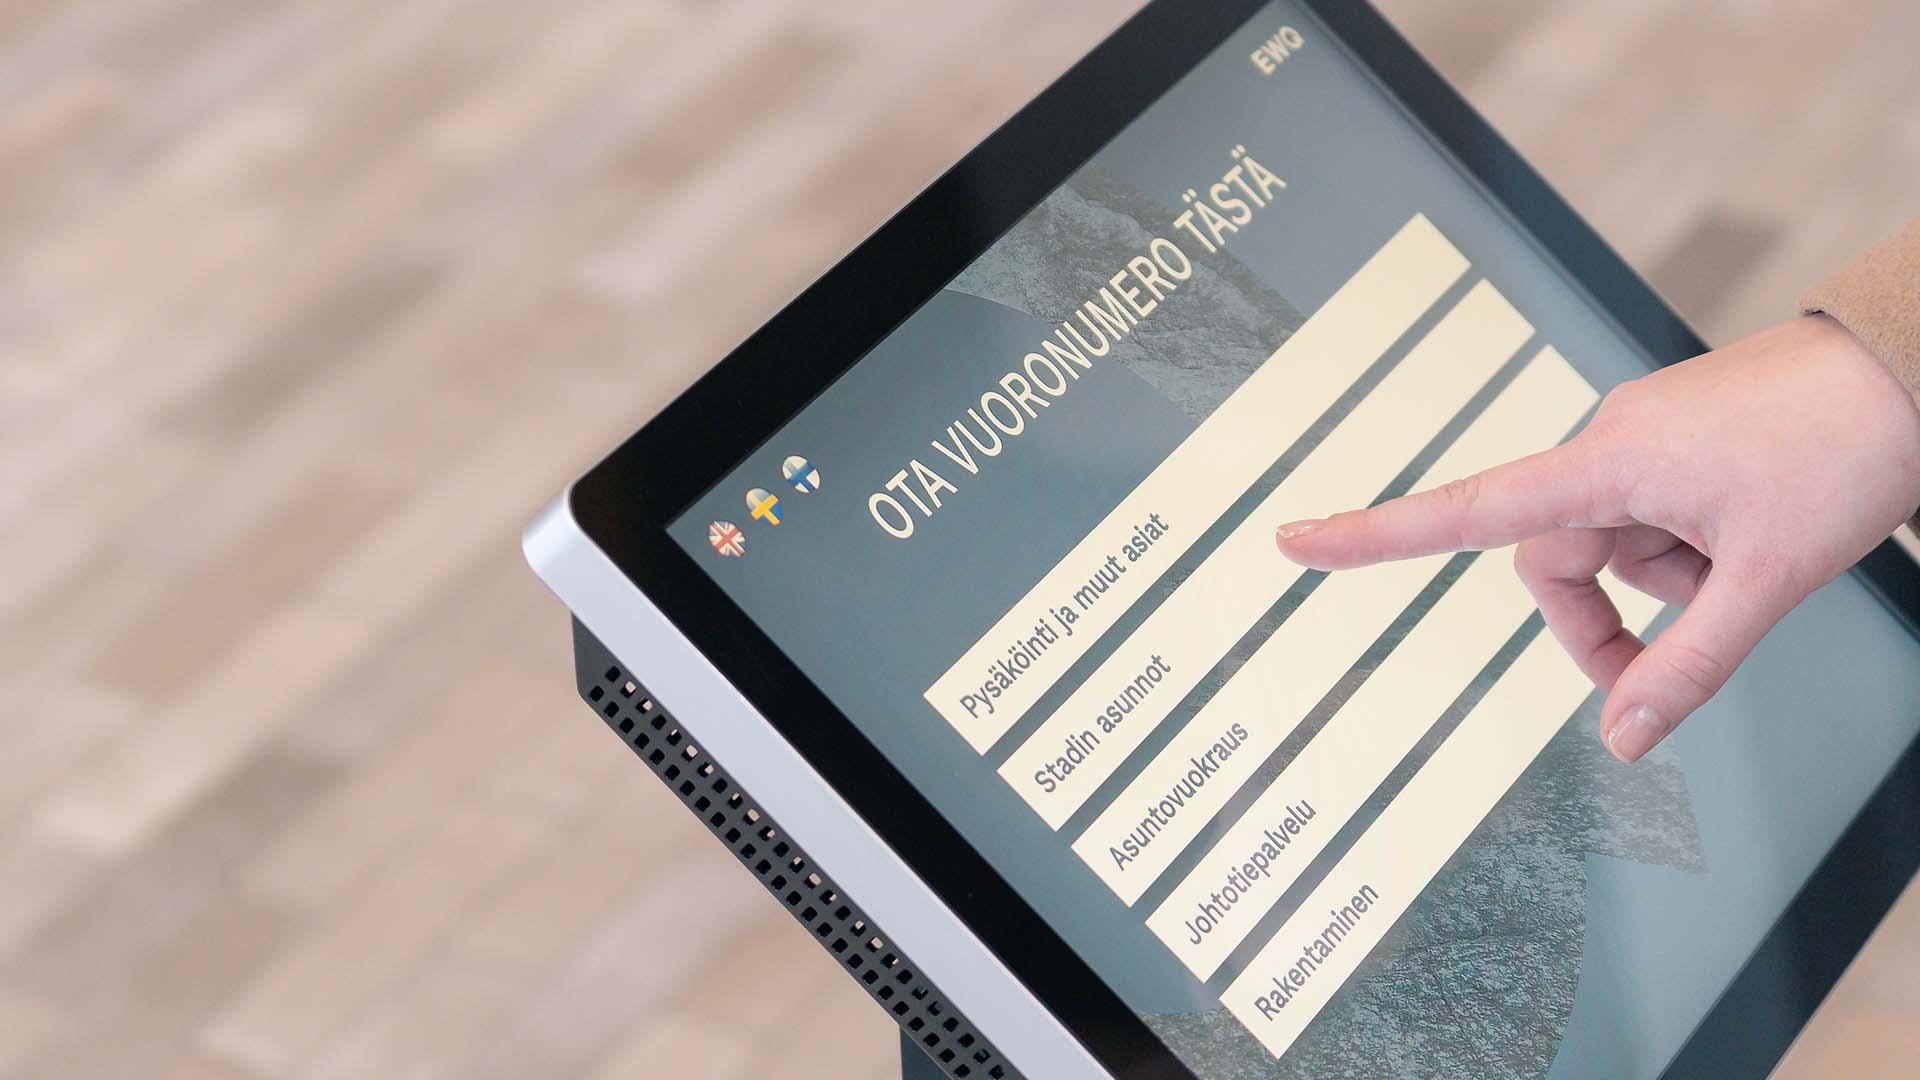 EWQ-Touchin näyttö esittää Kaupunkiympäristötalon palveluryhmiä.